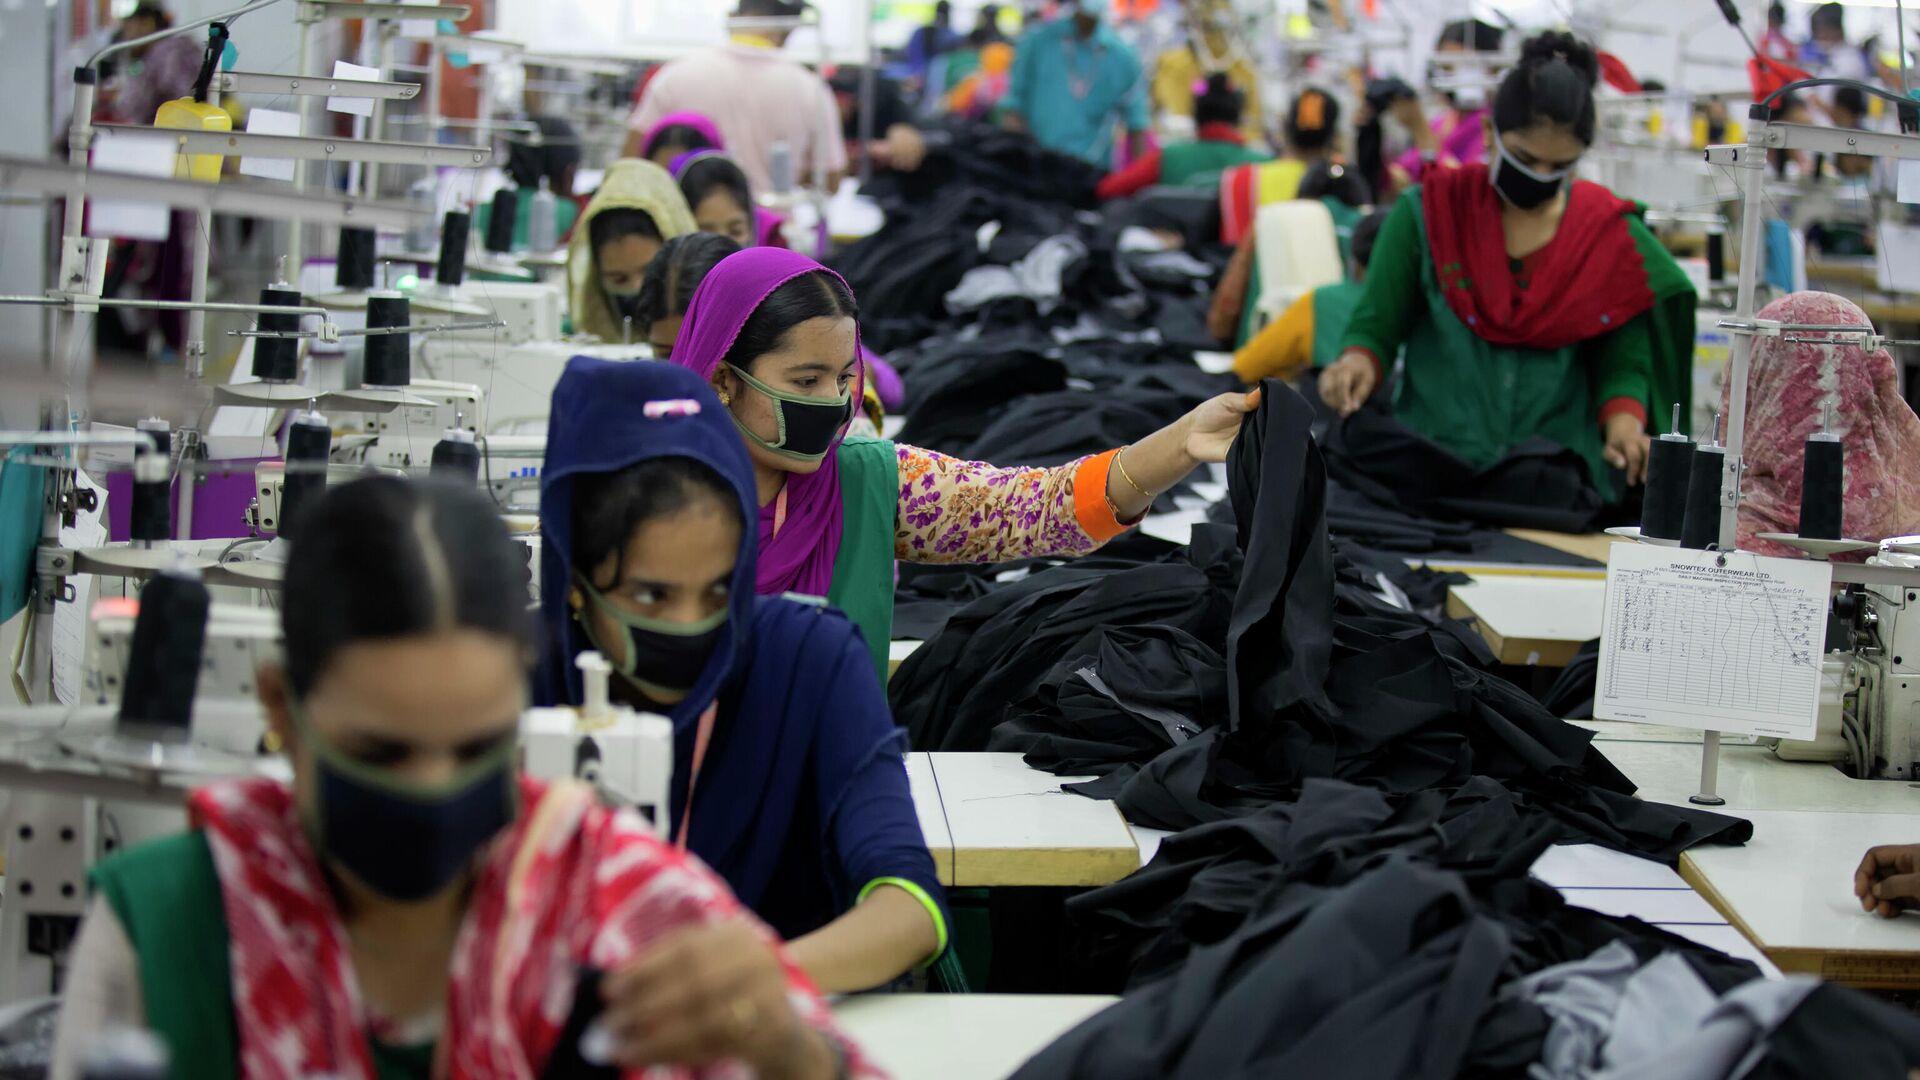 Eine Bekleidungsfabrik in Bangladesch  - SNA, 1920, 27.05.2021